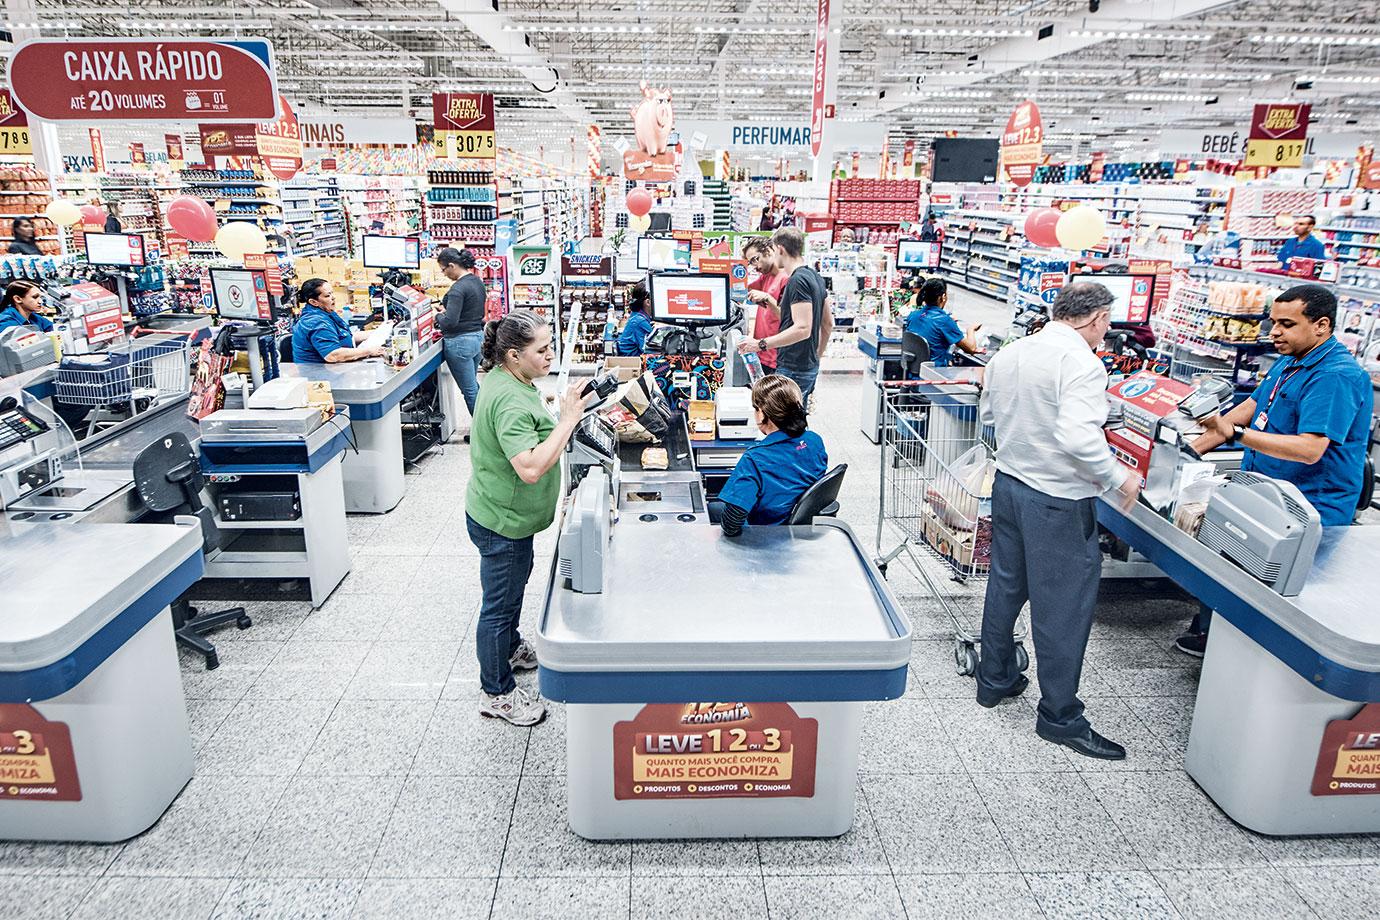 Dia do consumidor: Extra oferece descontos especiais e facilidades de pagamentos